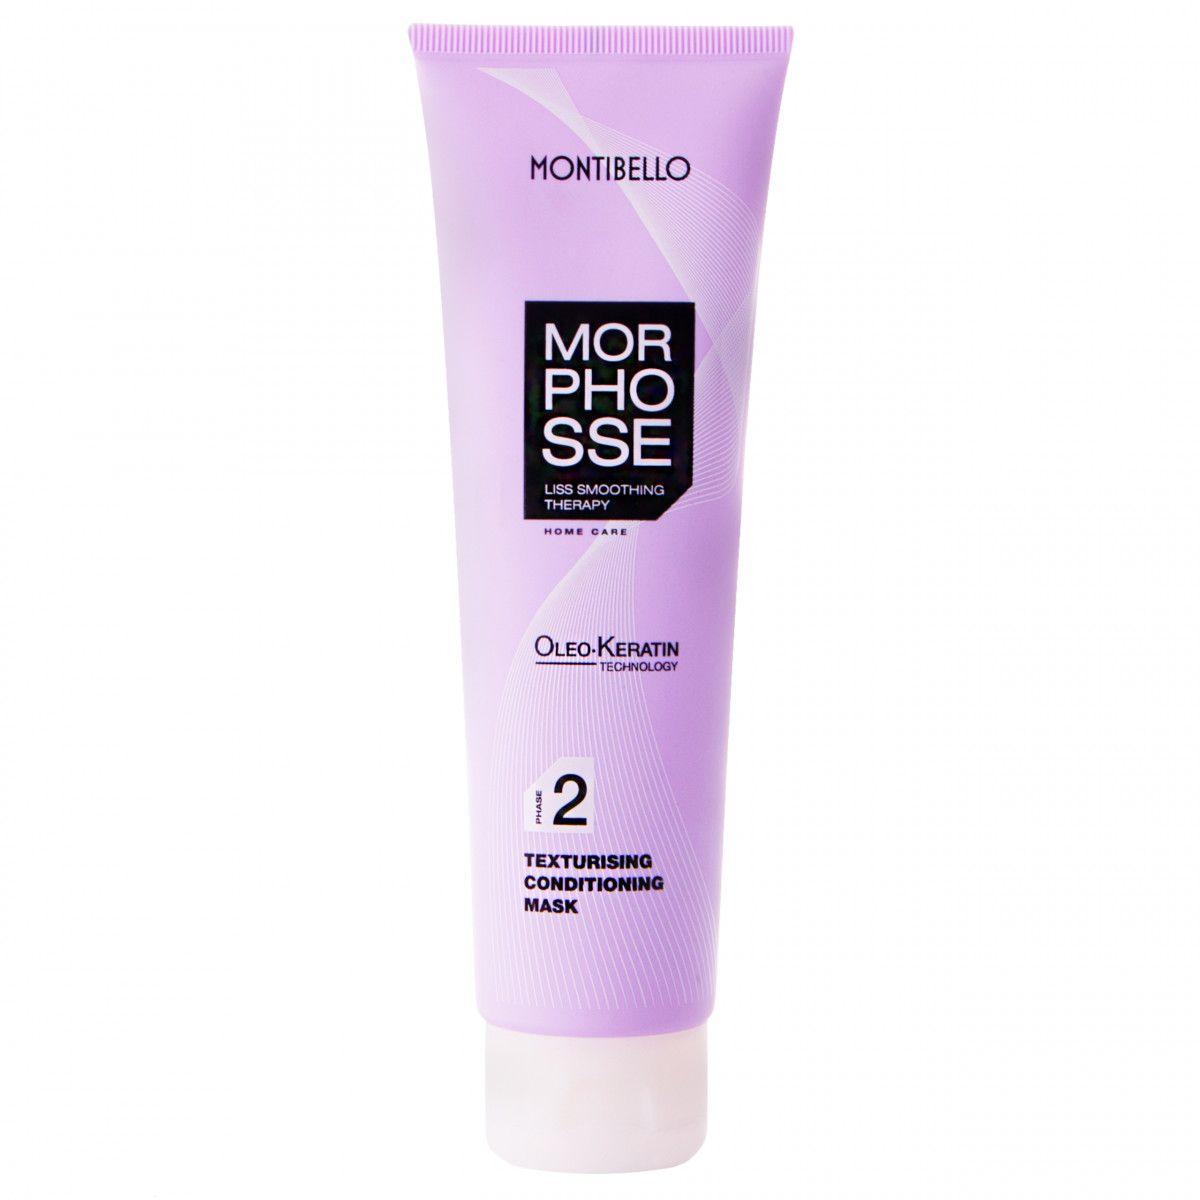 Montibello Morphosse maska przedłużająca efekt prostowania 150ml